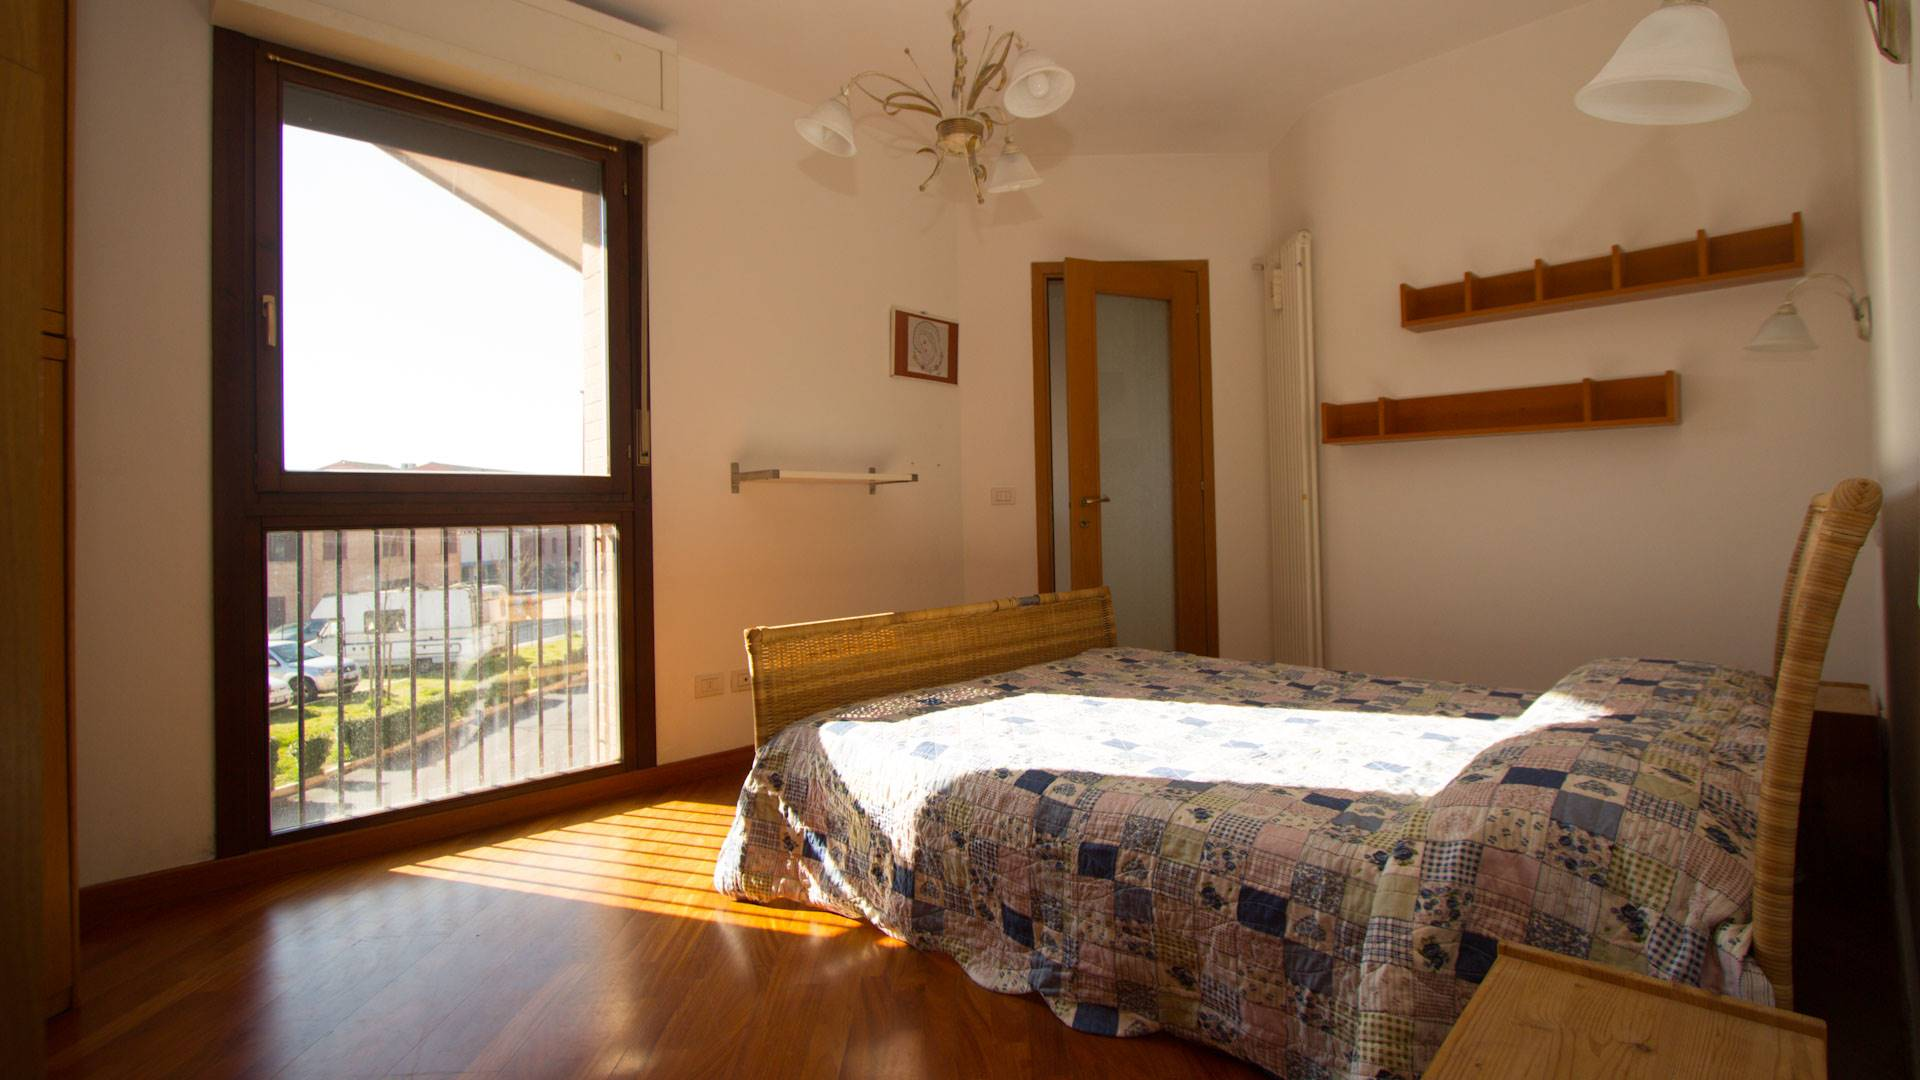 Appartamento con ingresso indipendente da un resede esclusivo pavimentato con loggia; si sviluppa su due livelli con al piano terra il soggiorno-pranzo con angolo cottura, piccolo sottoscala